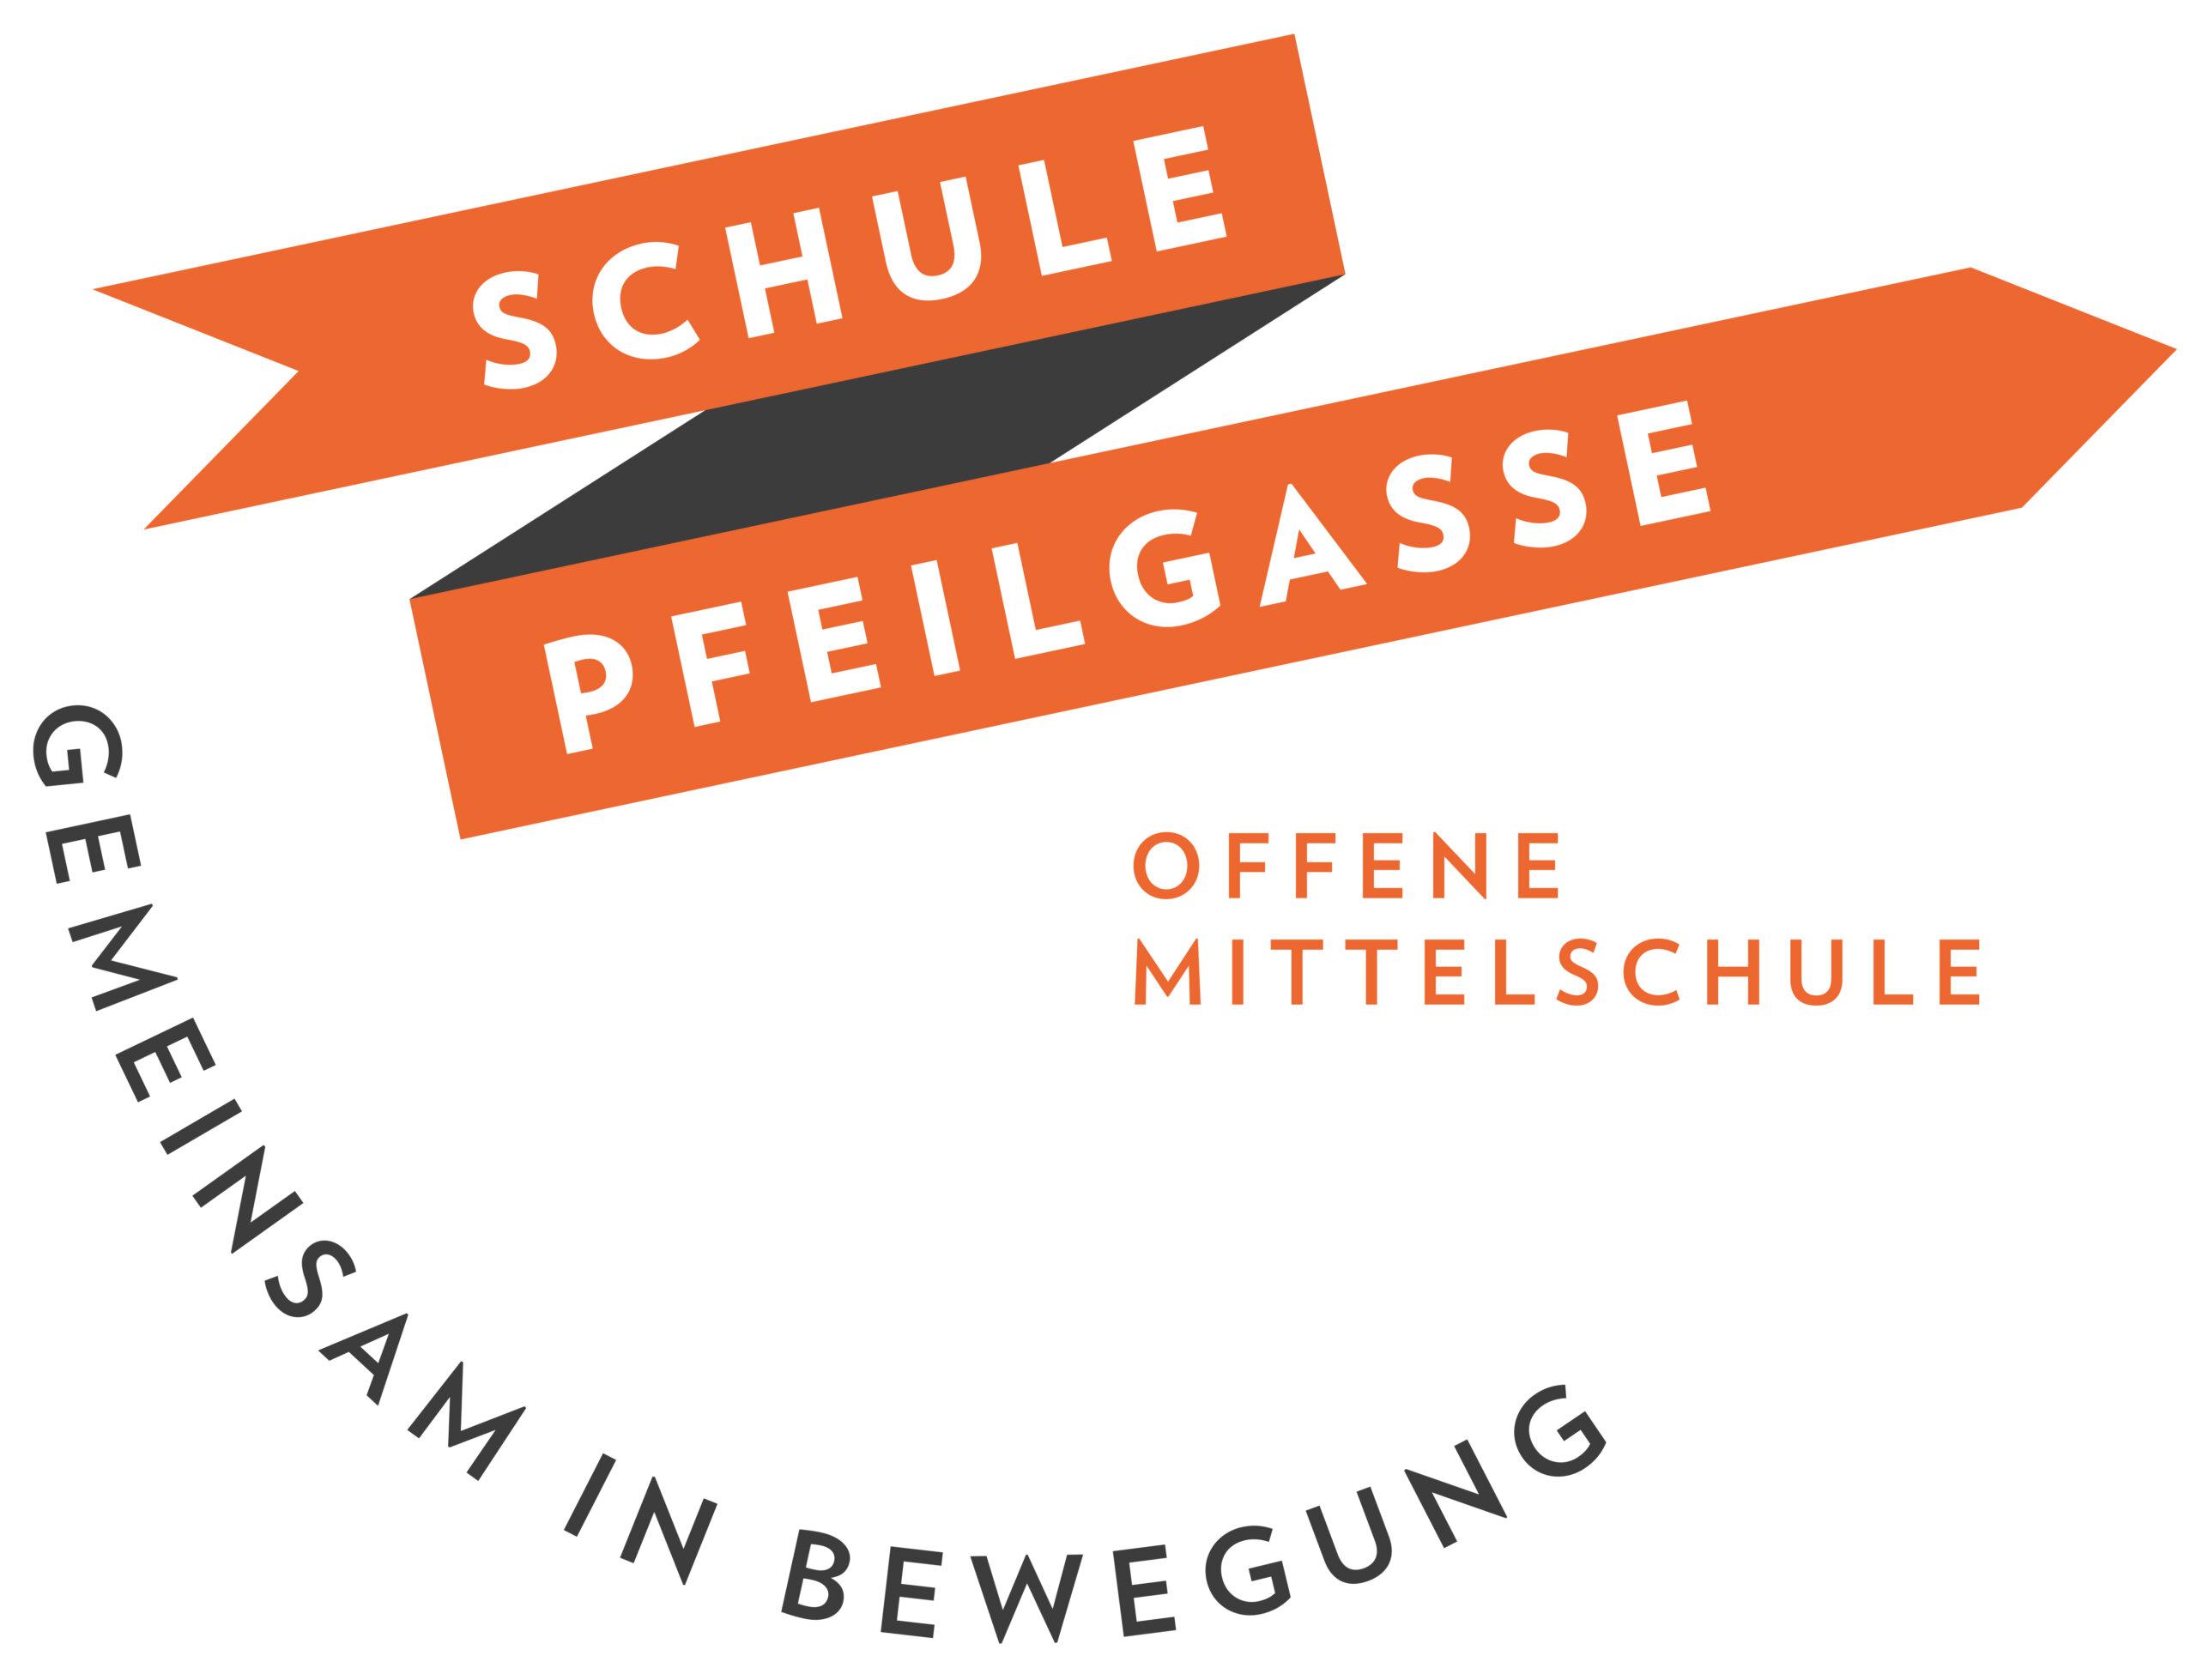 SCHULE_PFEILGASSE_LOGO